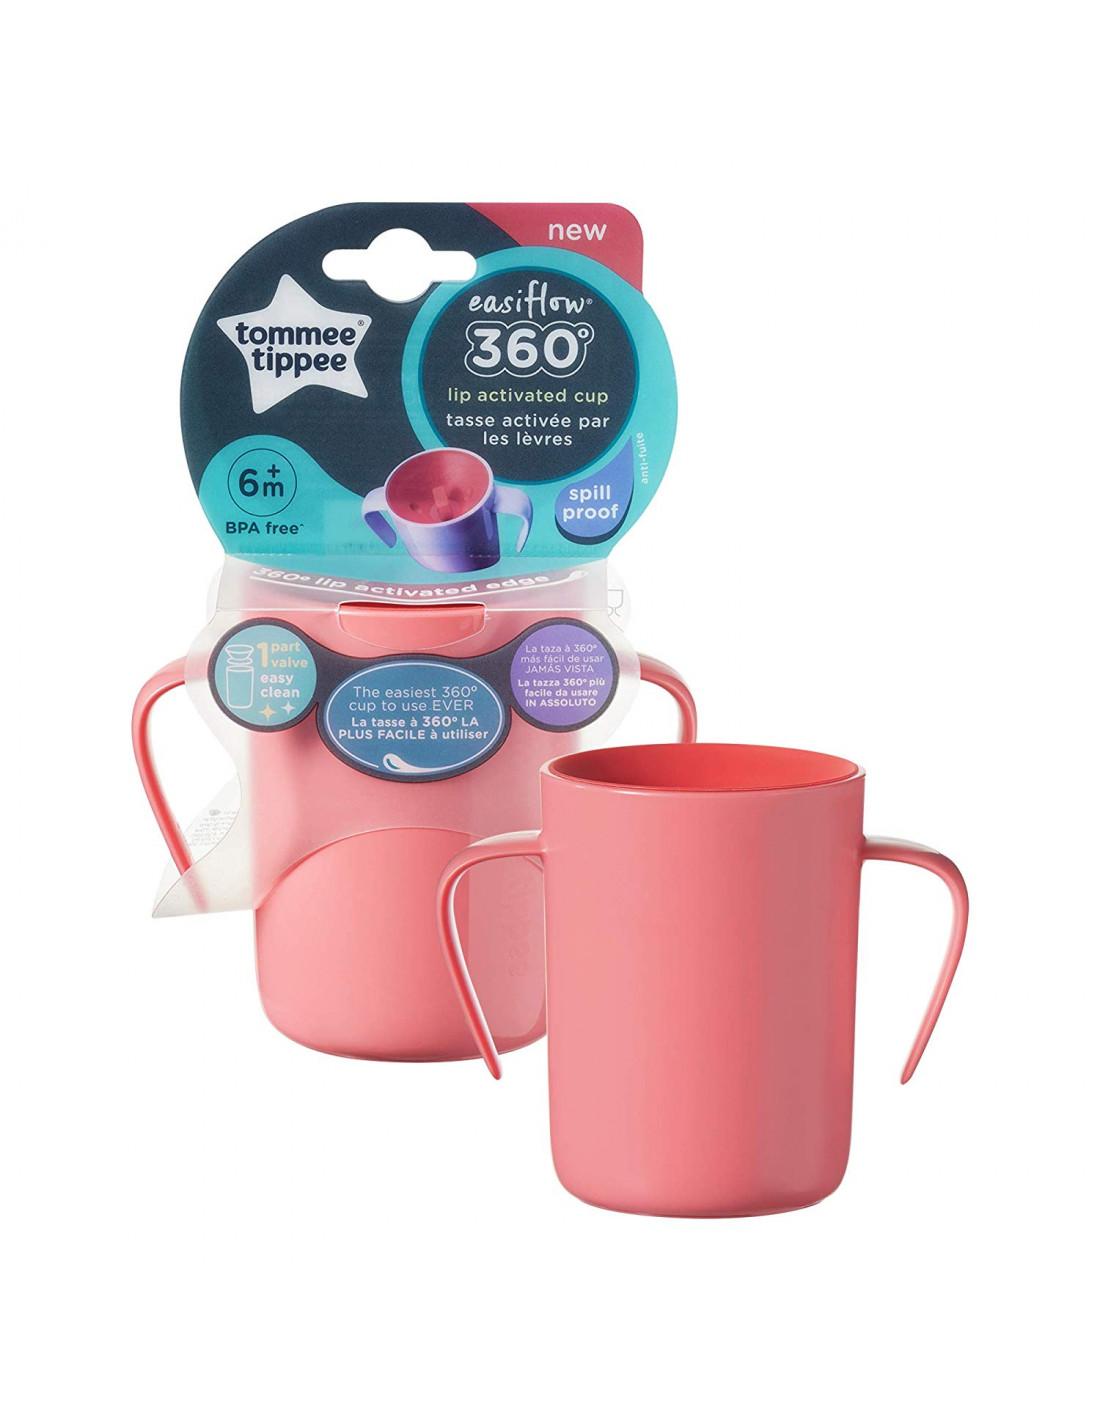 rosa 6m+ Tommee Tippee 44710981 Explora Easy Drink-Tasse